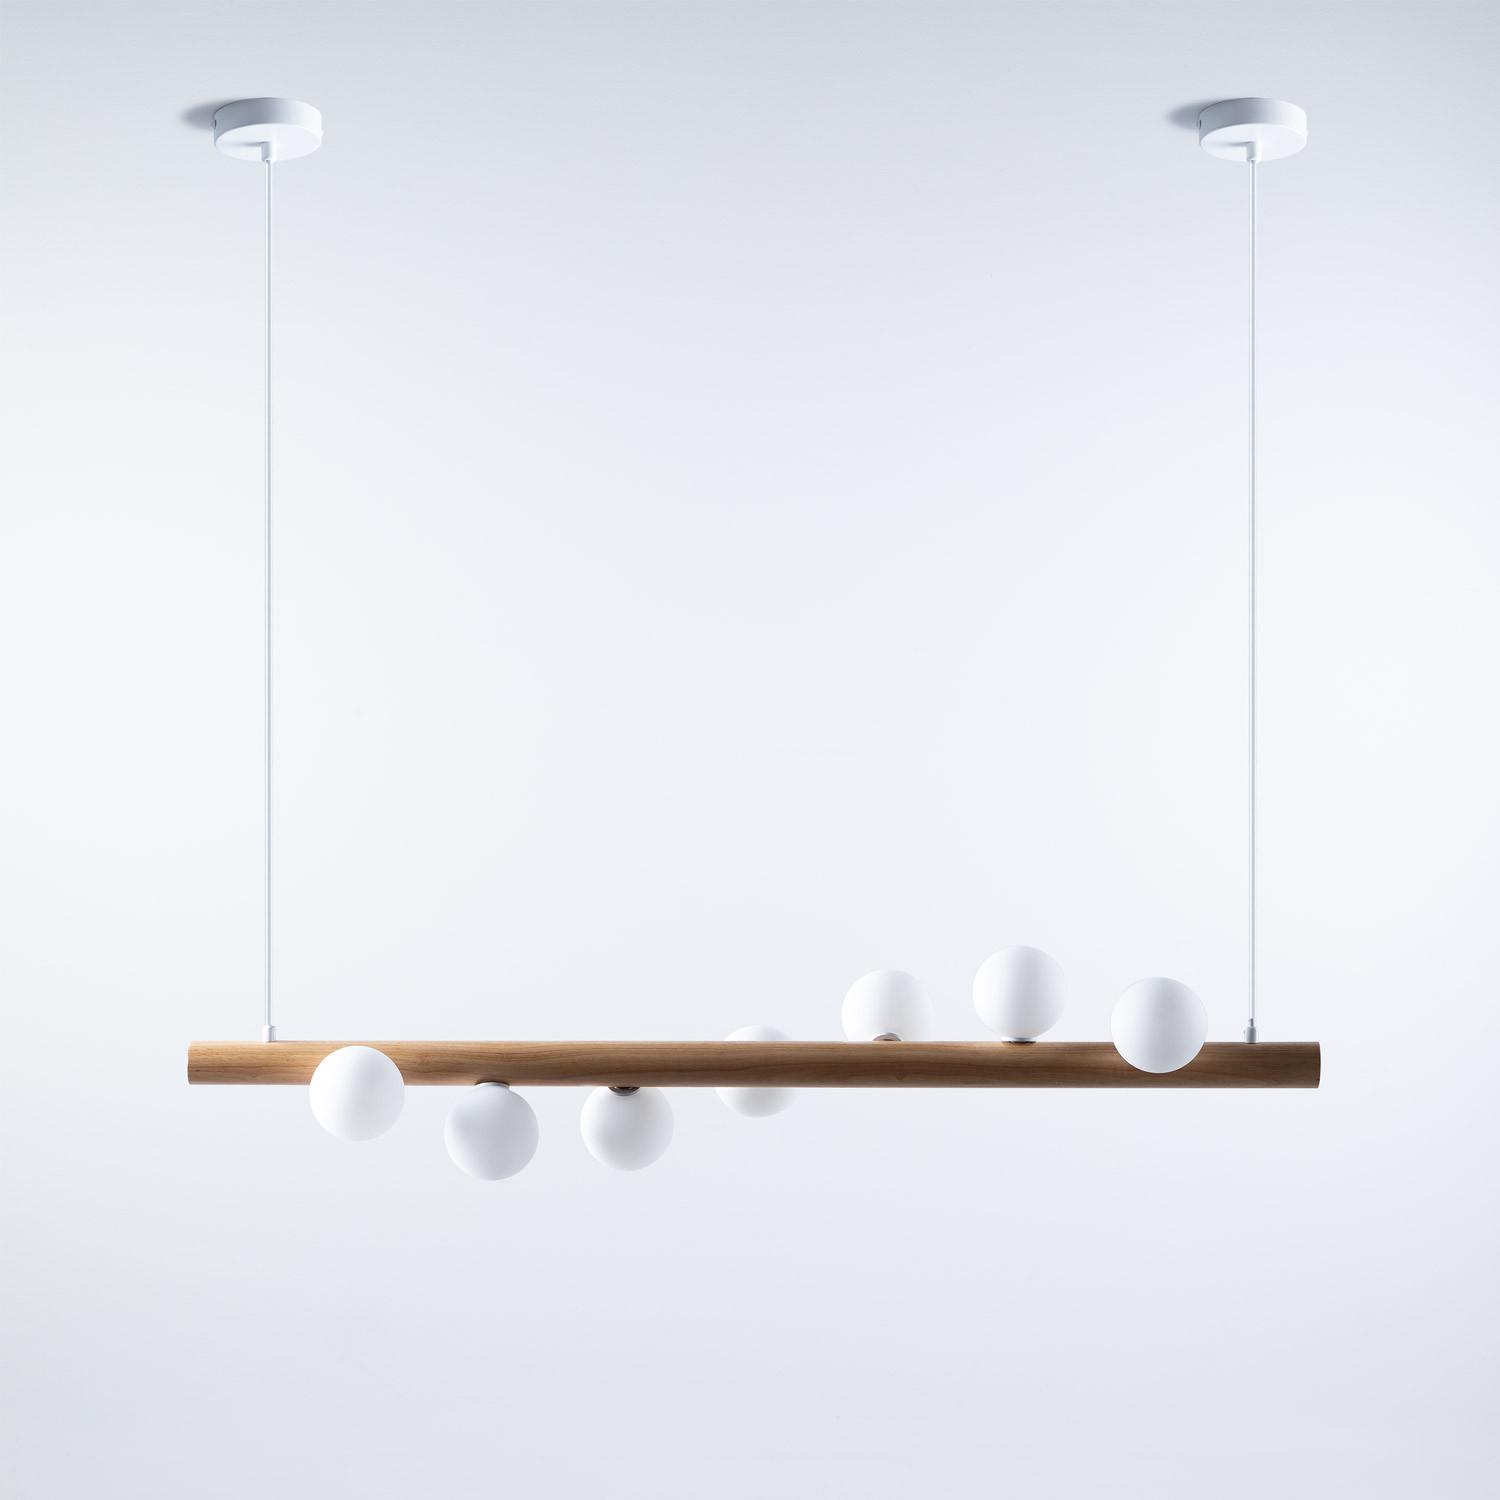 Suspension LED en Bois Serp , image de la gelerie 1